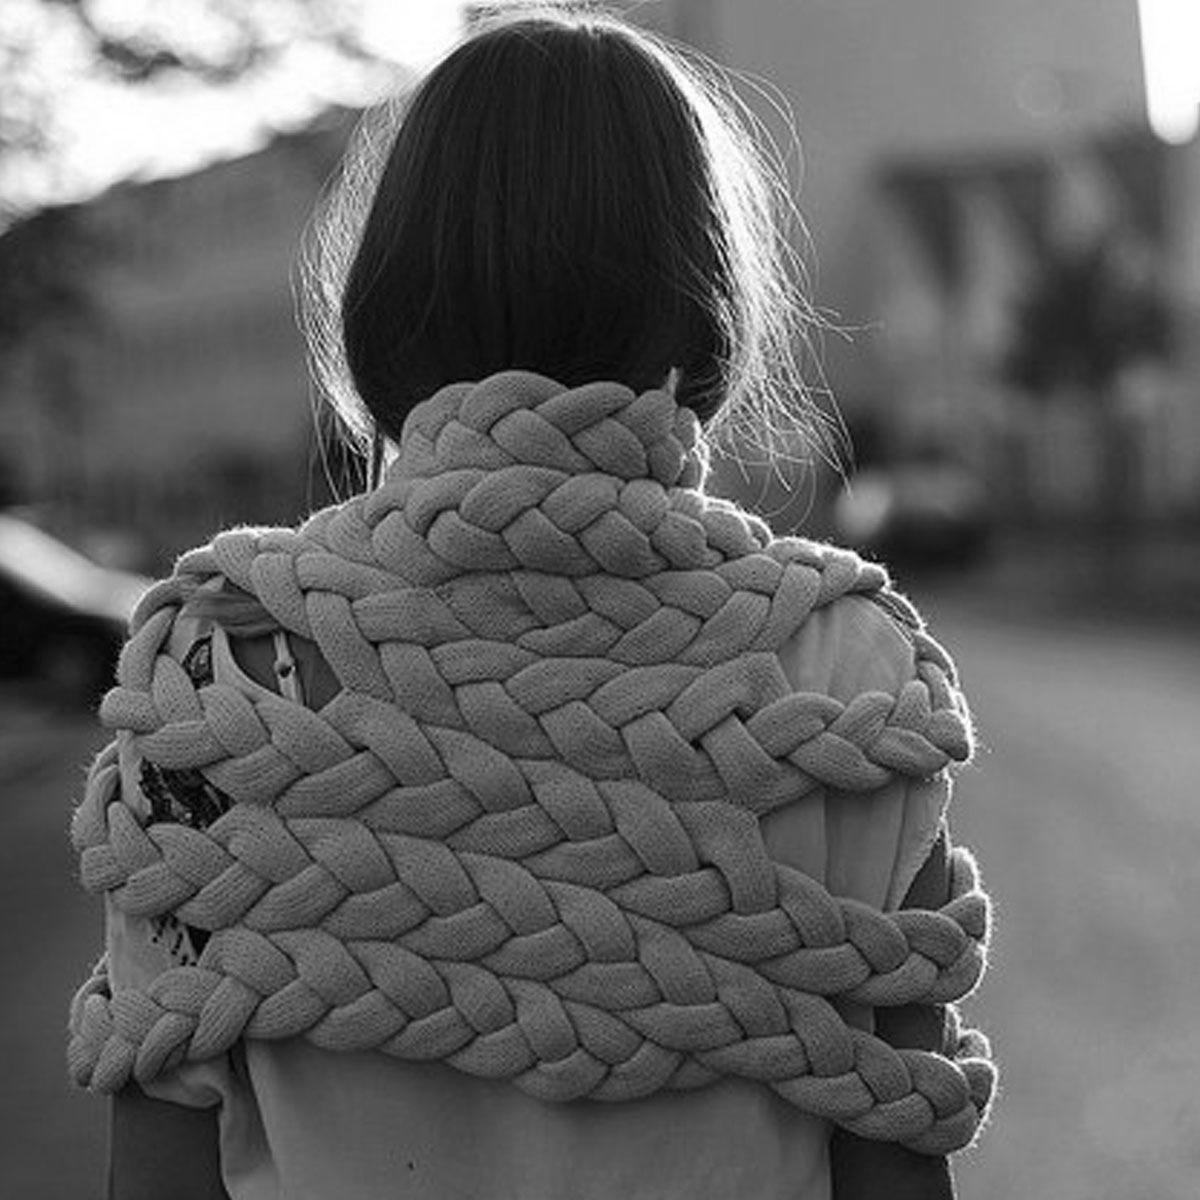 celapiu|Charcoal  Braided Shrug  | チャコール - 編み目のドレープが個性的なシュラグ